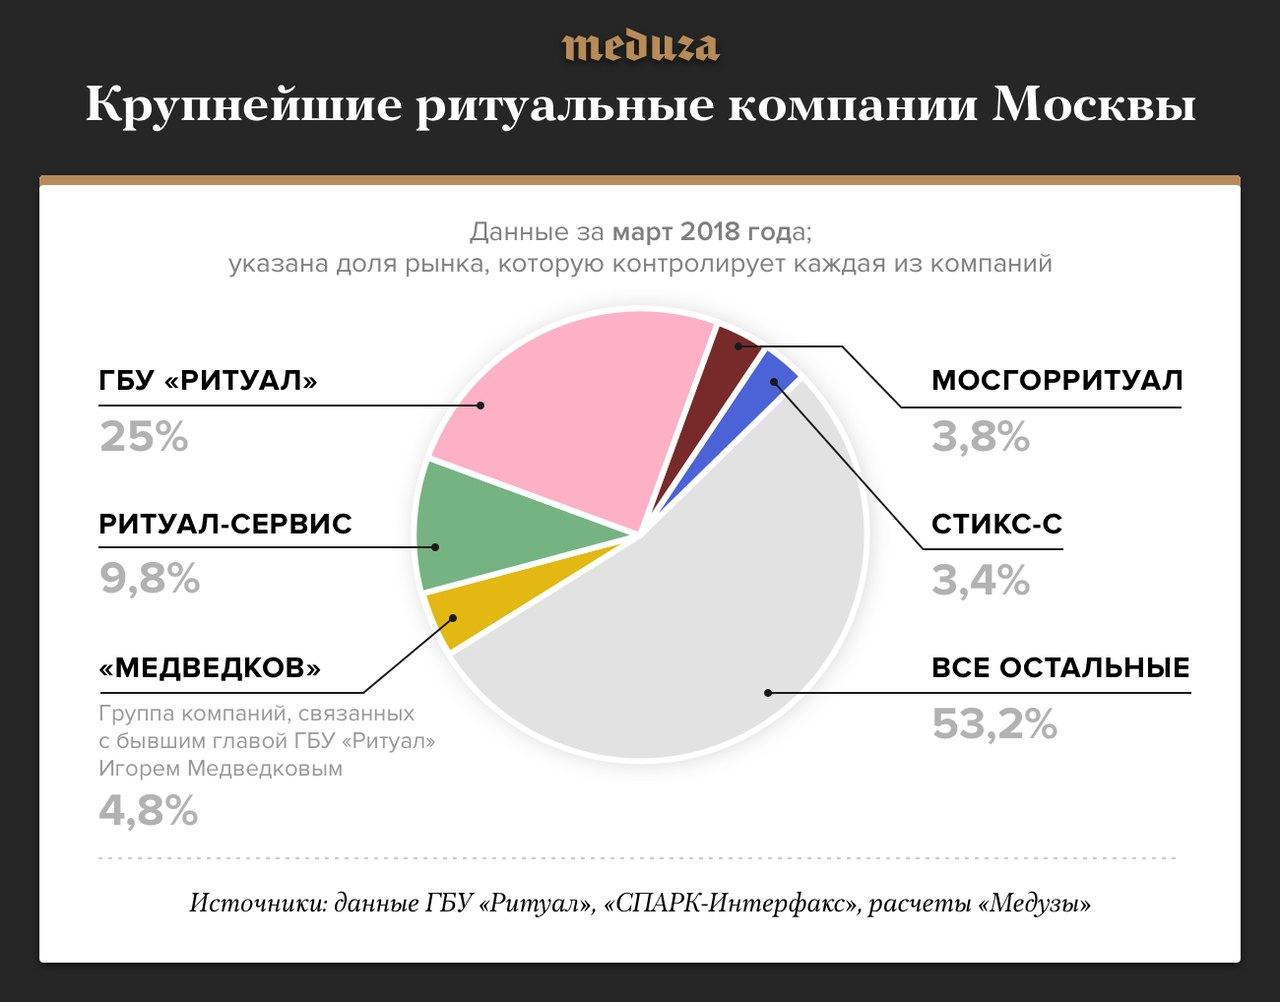 Пять крупнейших ритуальных компаний Москвы вобщей сложности контролируют меньше половины рынка. Полный список всех крупнейших похоронных фирм города сдинамикой поизменению доли рынка можно увидеть вотдельной таблице, составленной «Медузой».